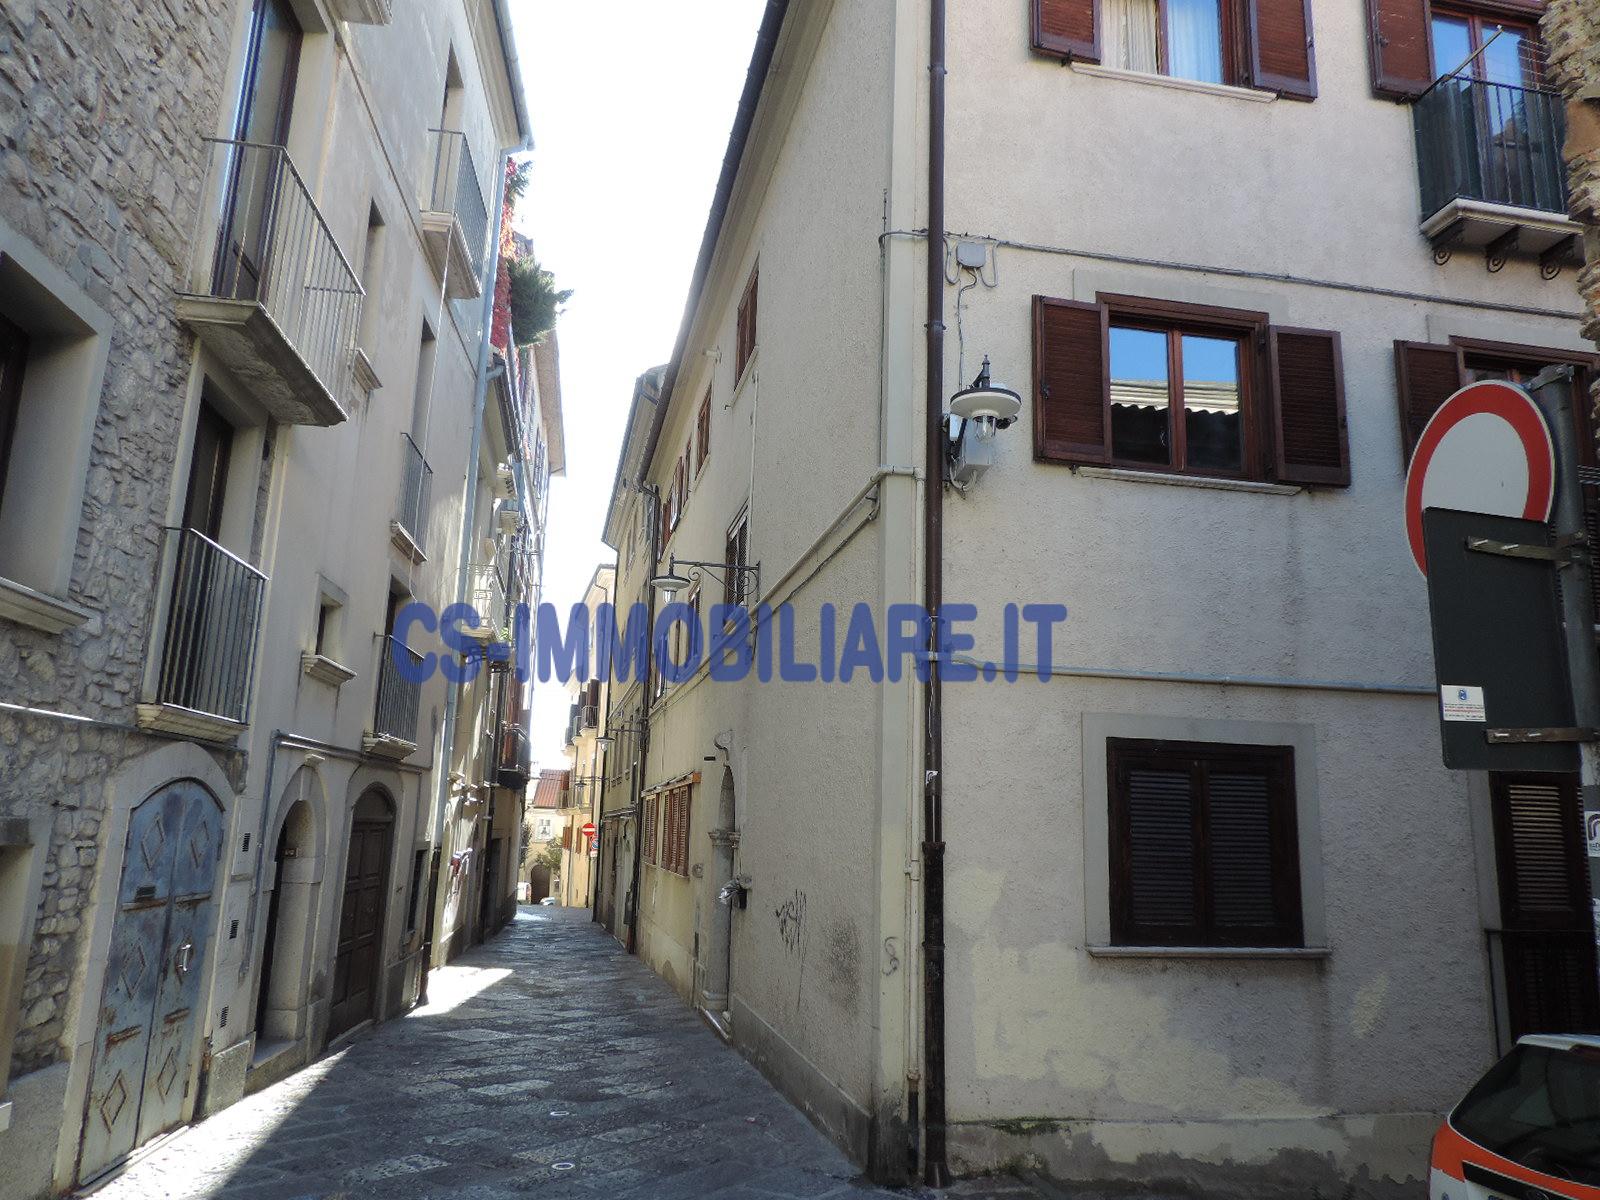 Appartamento in affitto a Potenza, 2 locali, zona Località: Centro, prezzo € 450 | CambioCasa.it